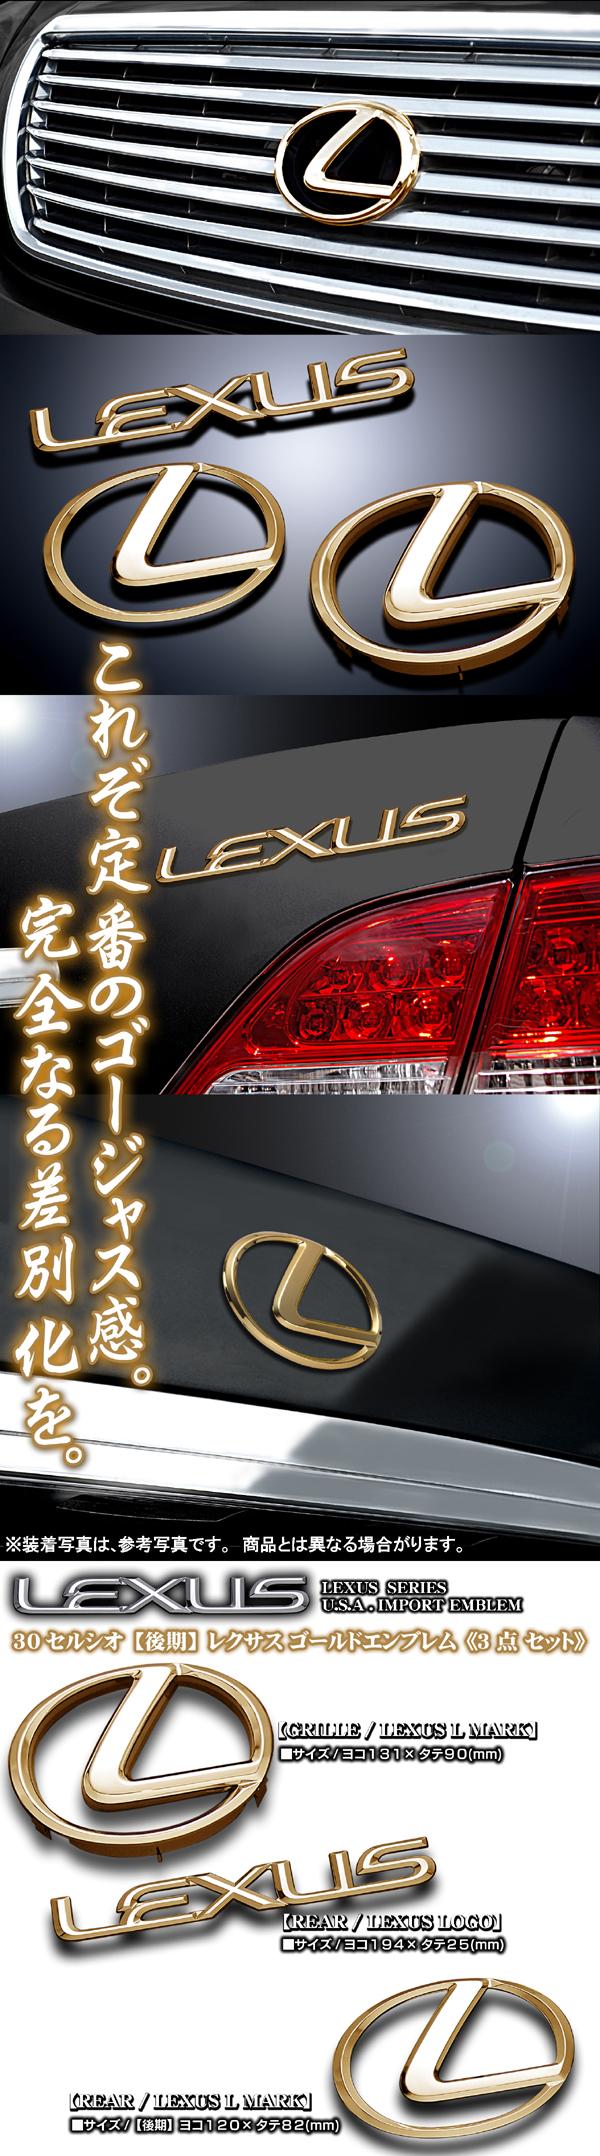 【LS430レクサス《ゴールド》エンブレム[3点セット]30/31セルシオ後期/LEXUS北米仕様】